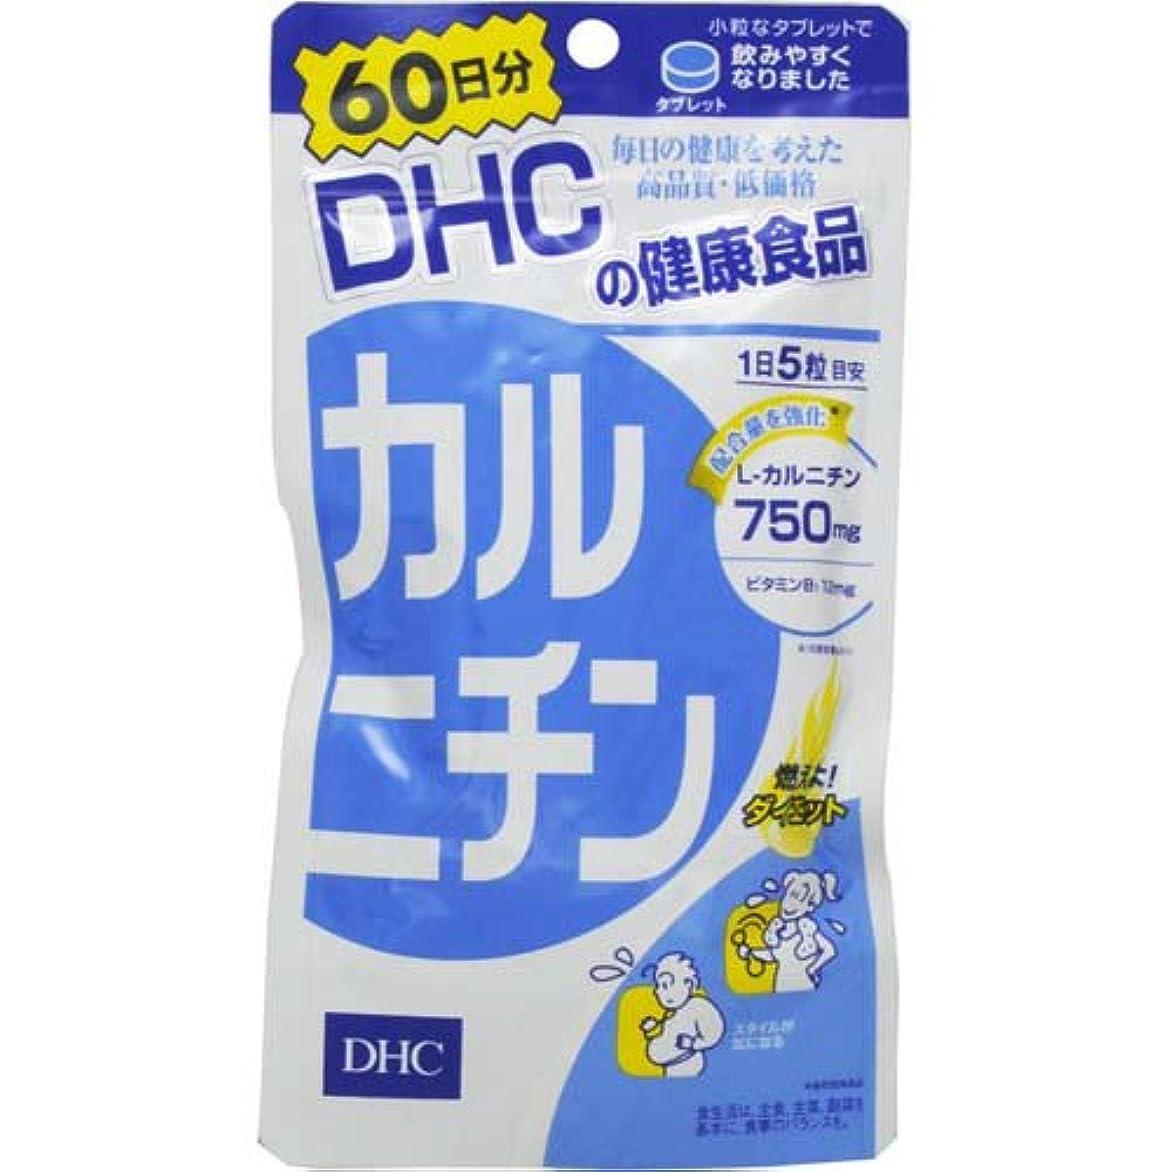 一瞬なんでもカーテンDHC カルニチン 60日分 300粒